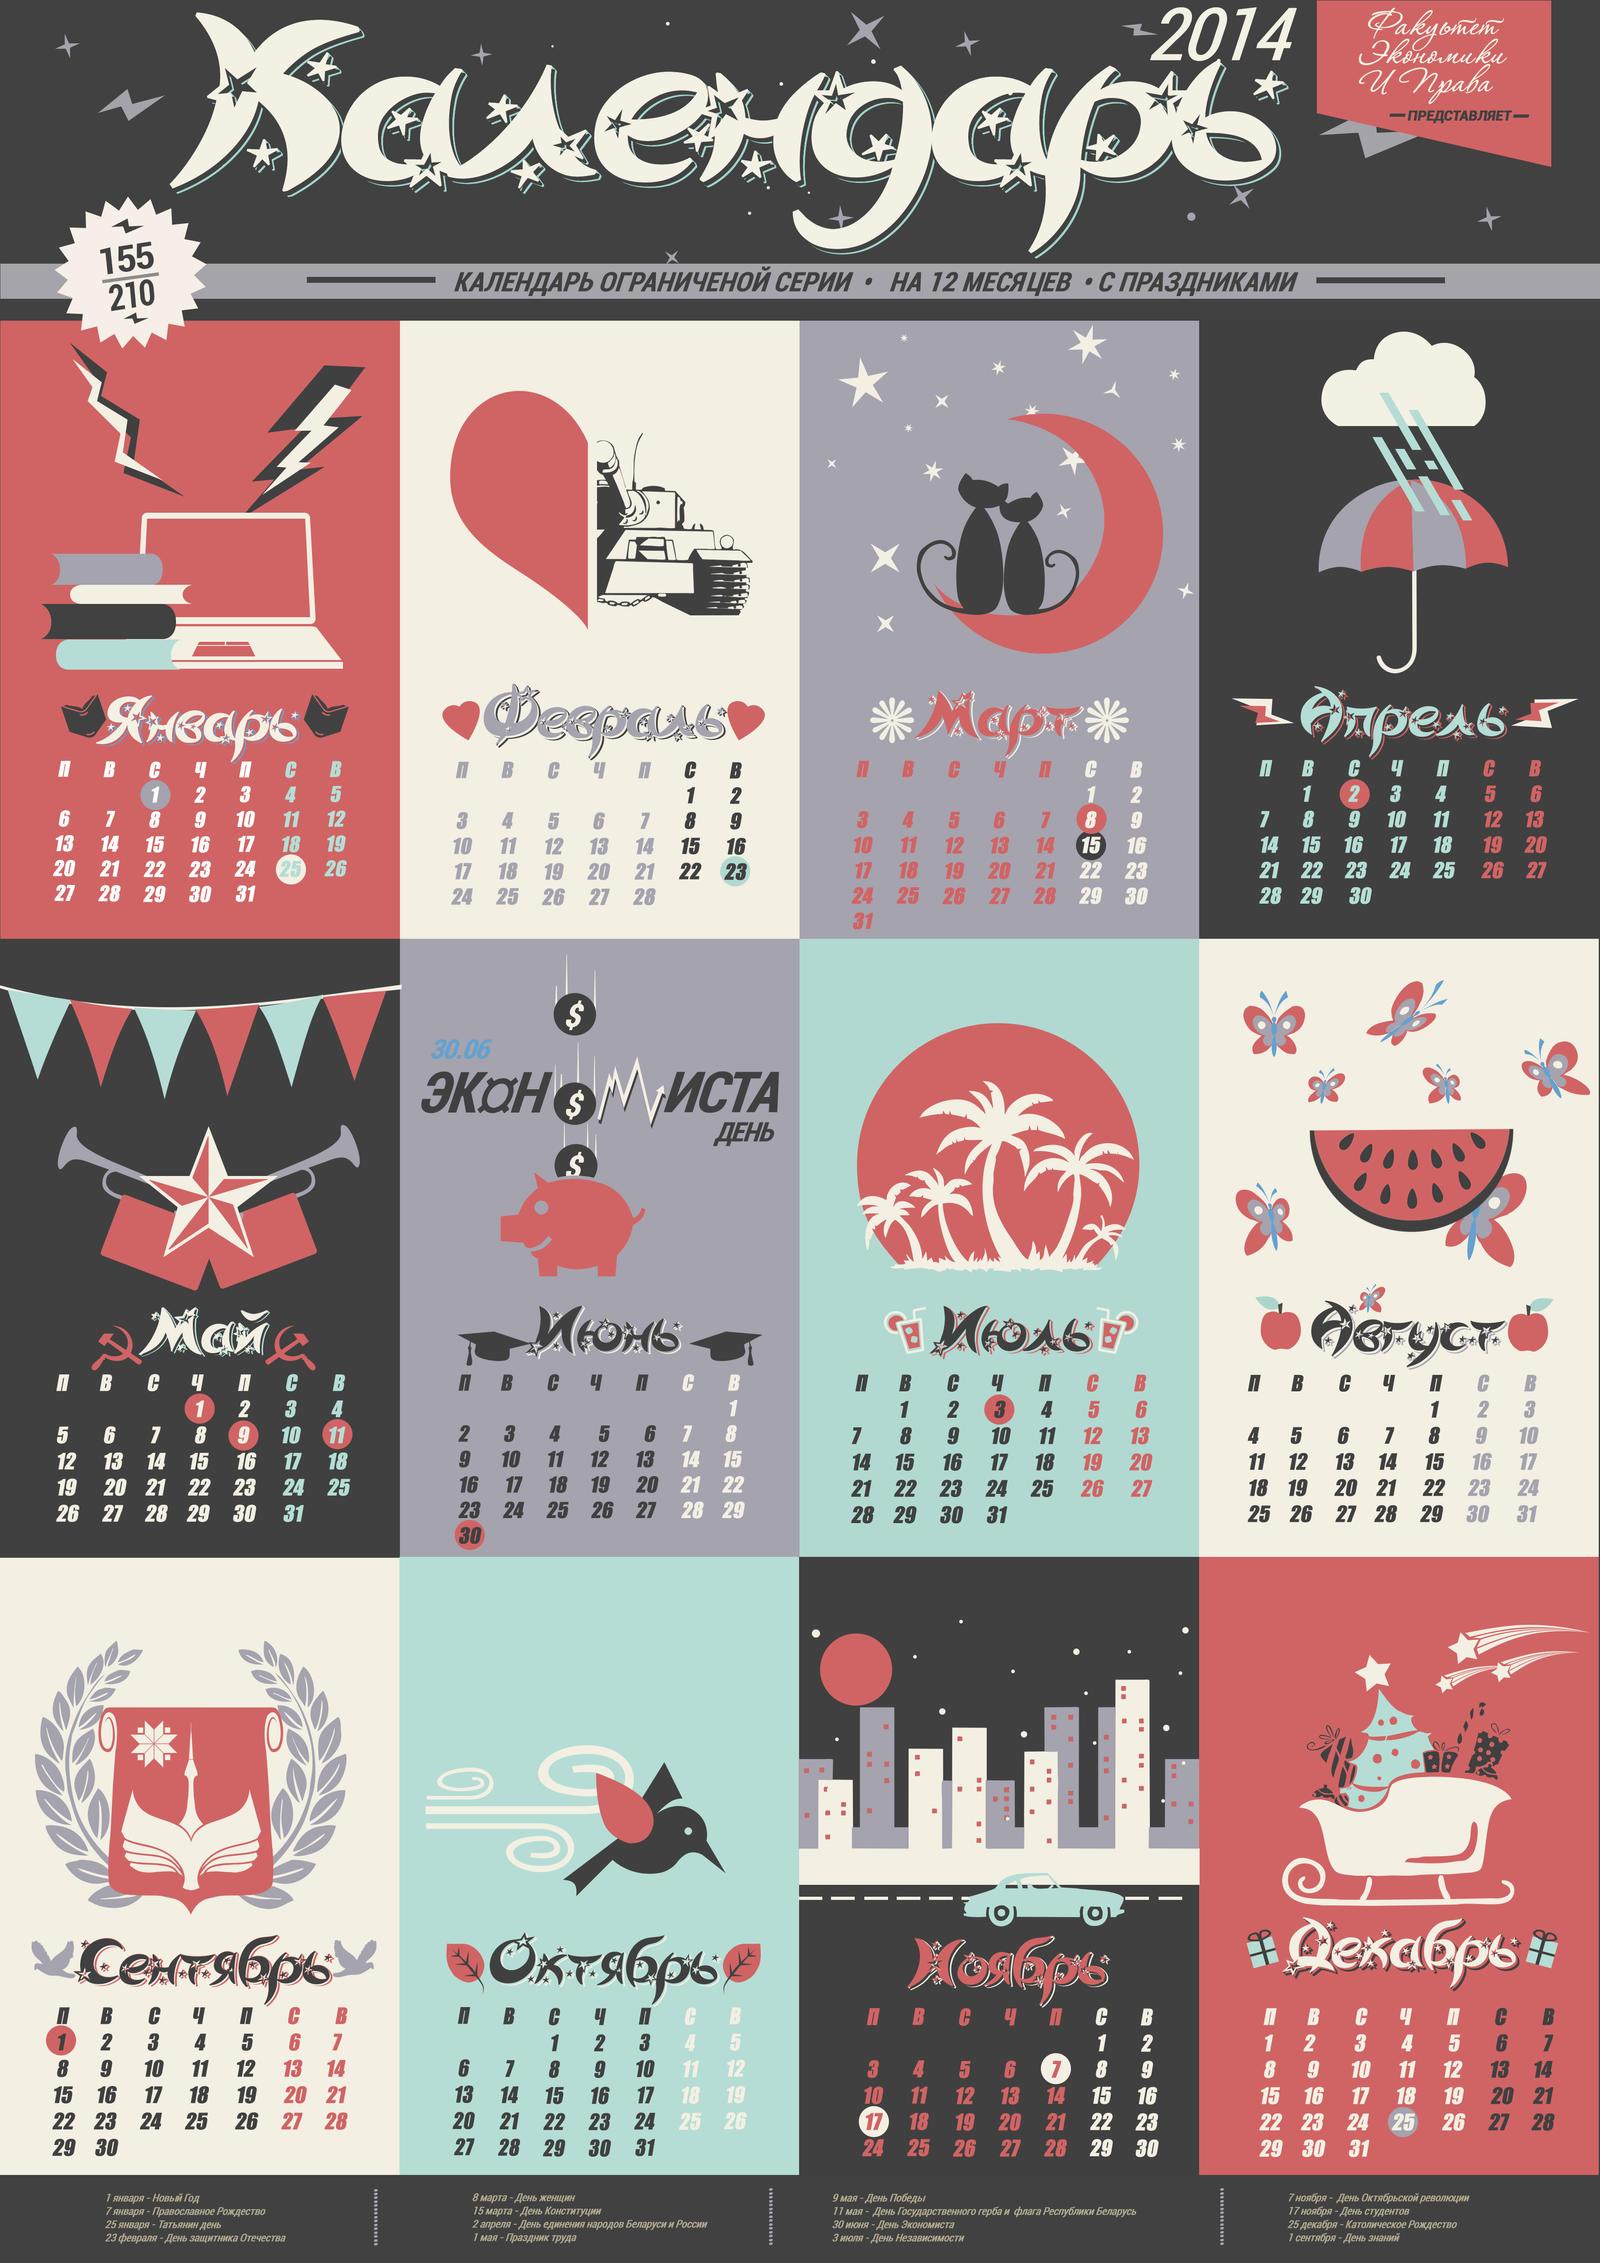 Deviantart Calendar : Calendar by zhoolego on deviantart